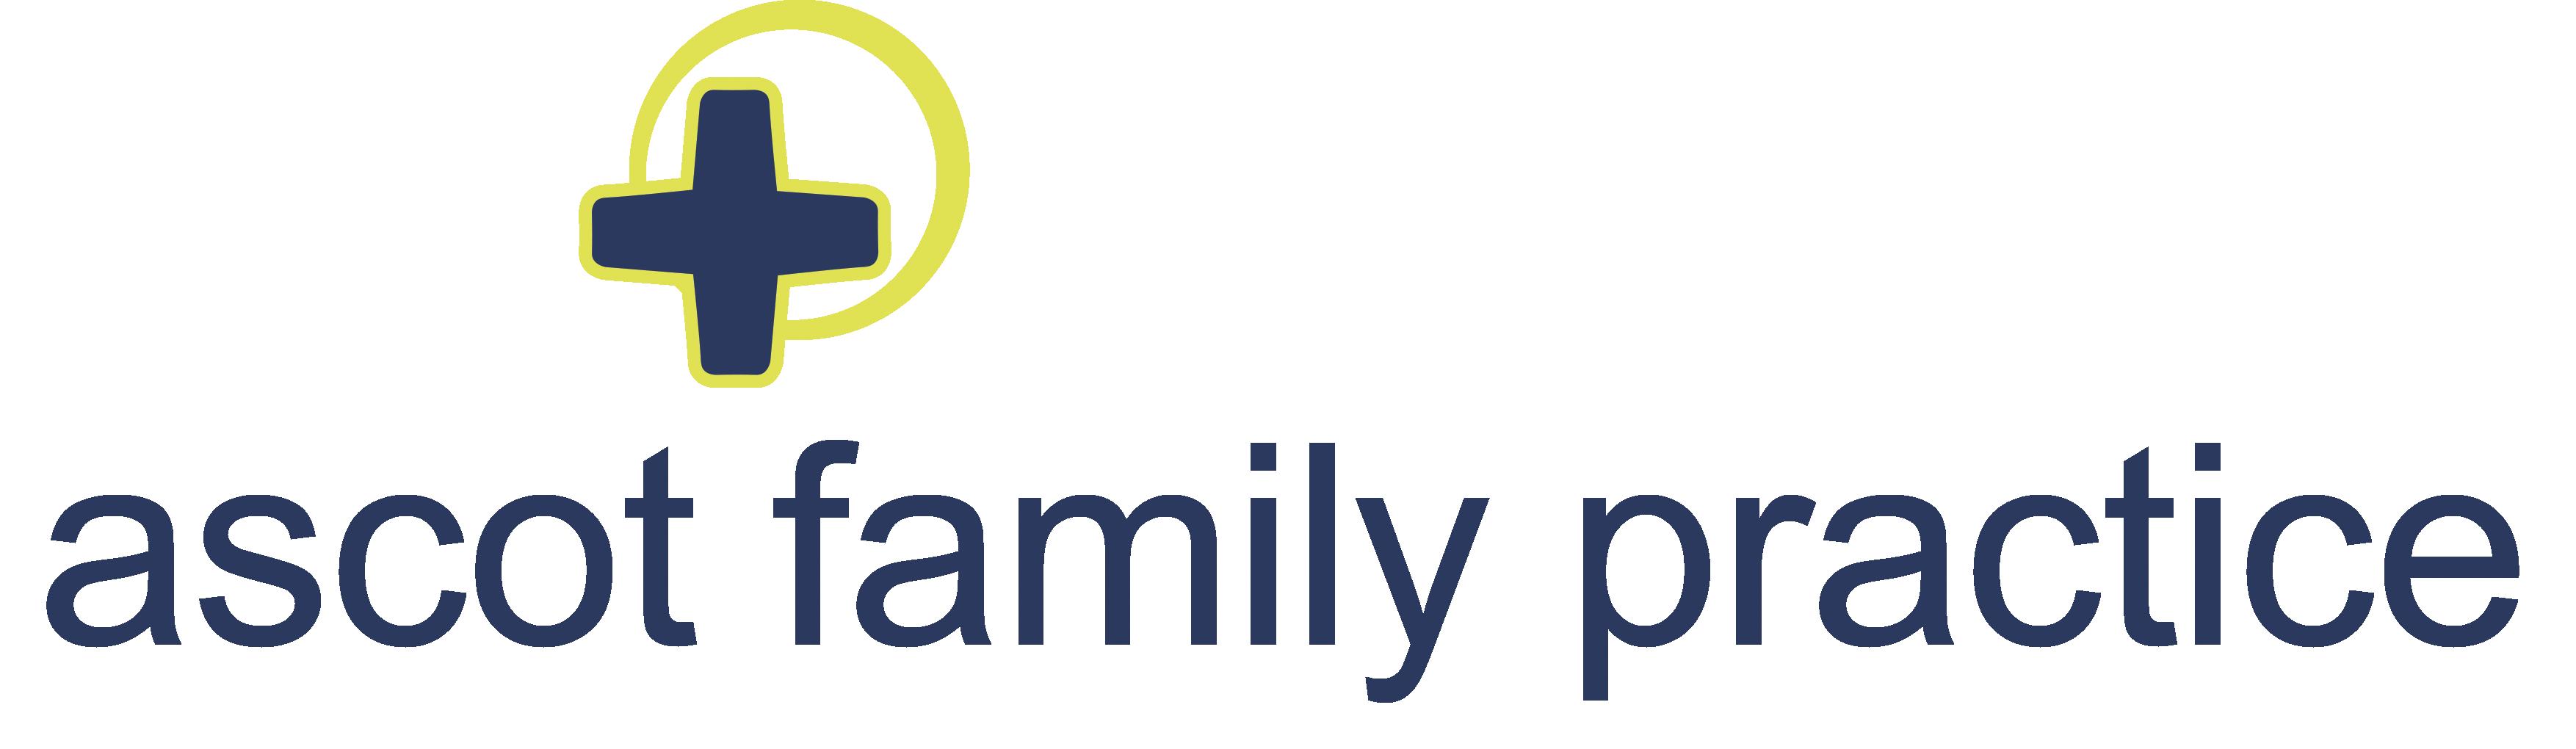 Ascot Family Practice